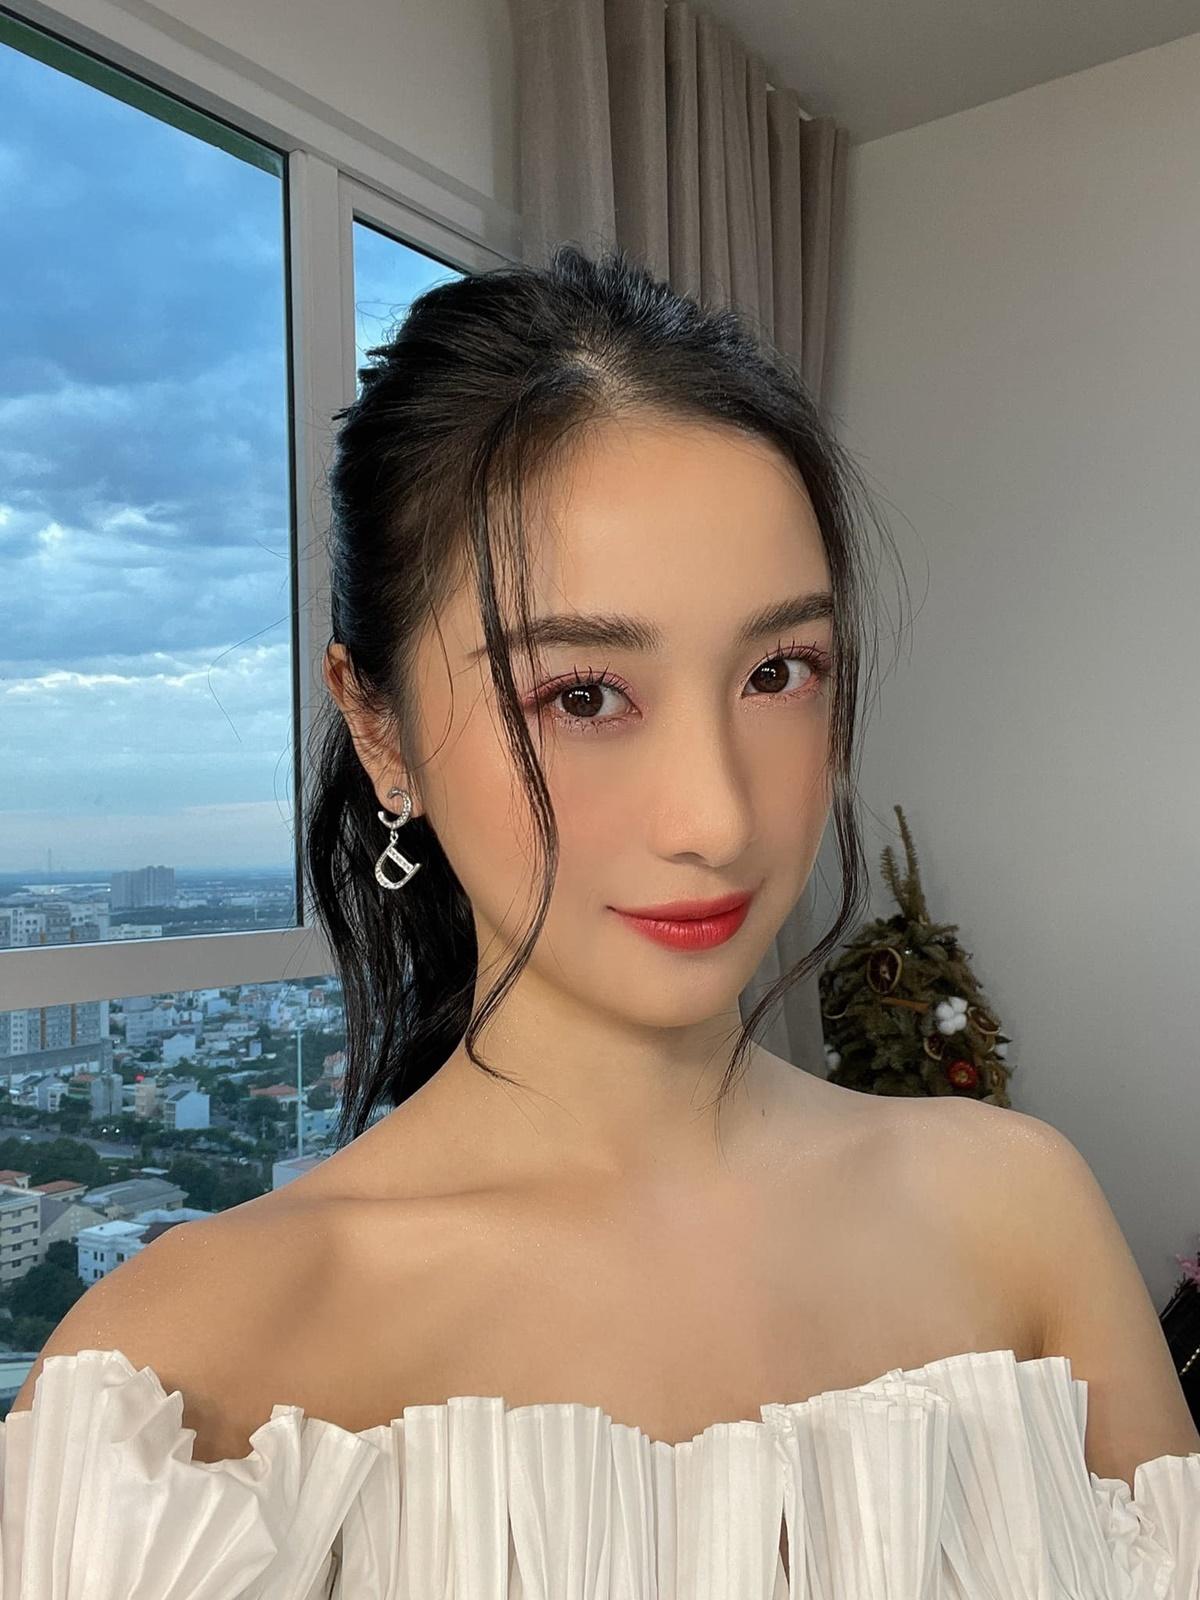 Sáng 3/5, Jun Vũ tới phim trường ở quận Bình Thạnh, TP HCM để quay phim truyền hình Mẹ ác ma, cha thiên sứ của đạo diễn Vũ Ngọc Đãng. Sau đó, cô sẽ bay ra Hà Nội trong ba tháng để theo đuổi dự án phim mới.